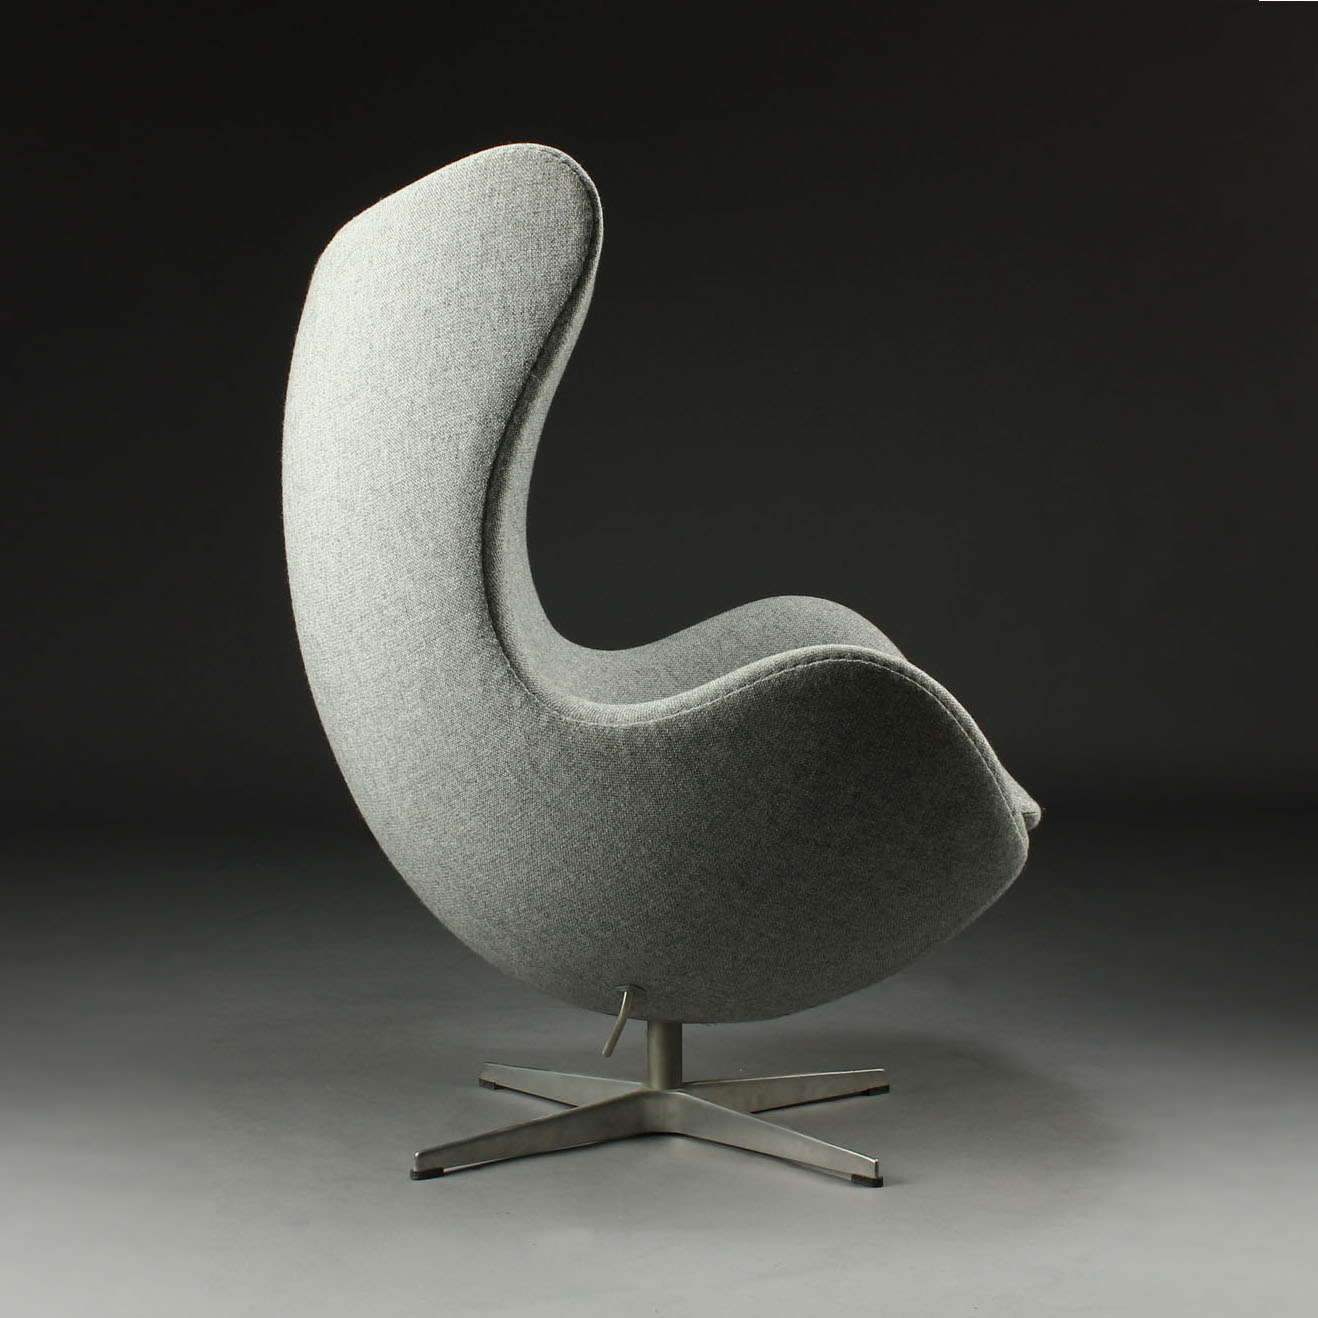 modern egg chair reclining chaise fritz hansen arne jacobsen in kvadrat tonica